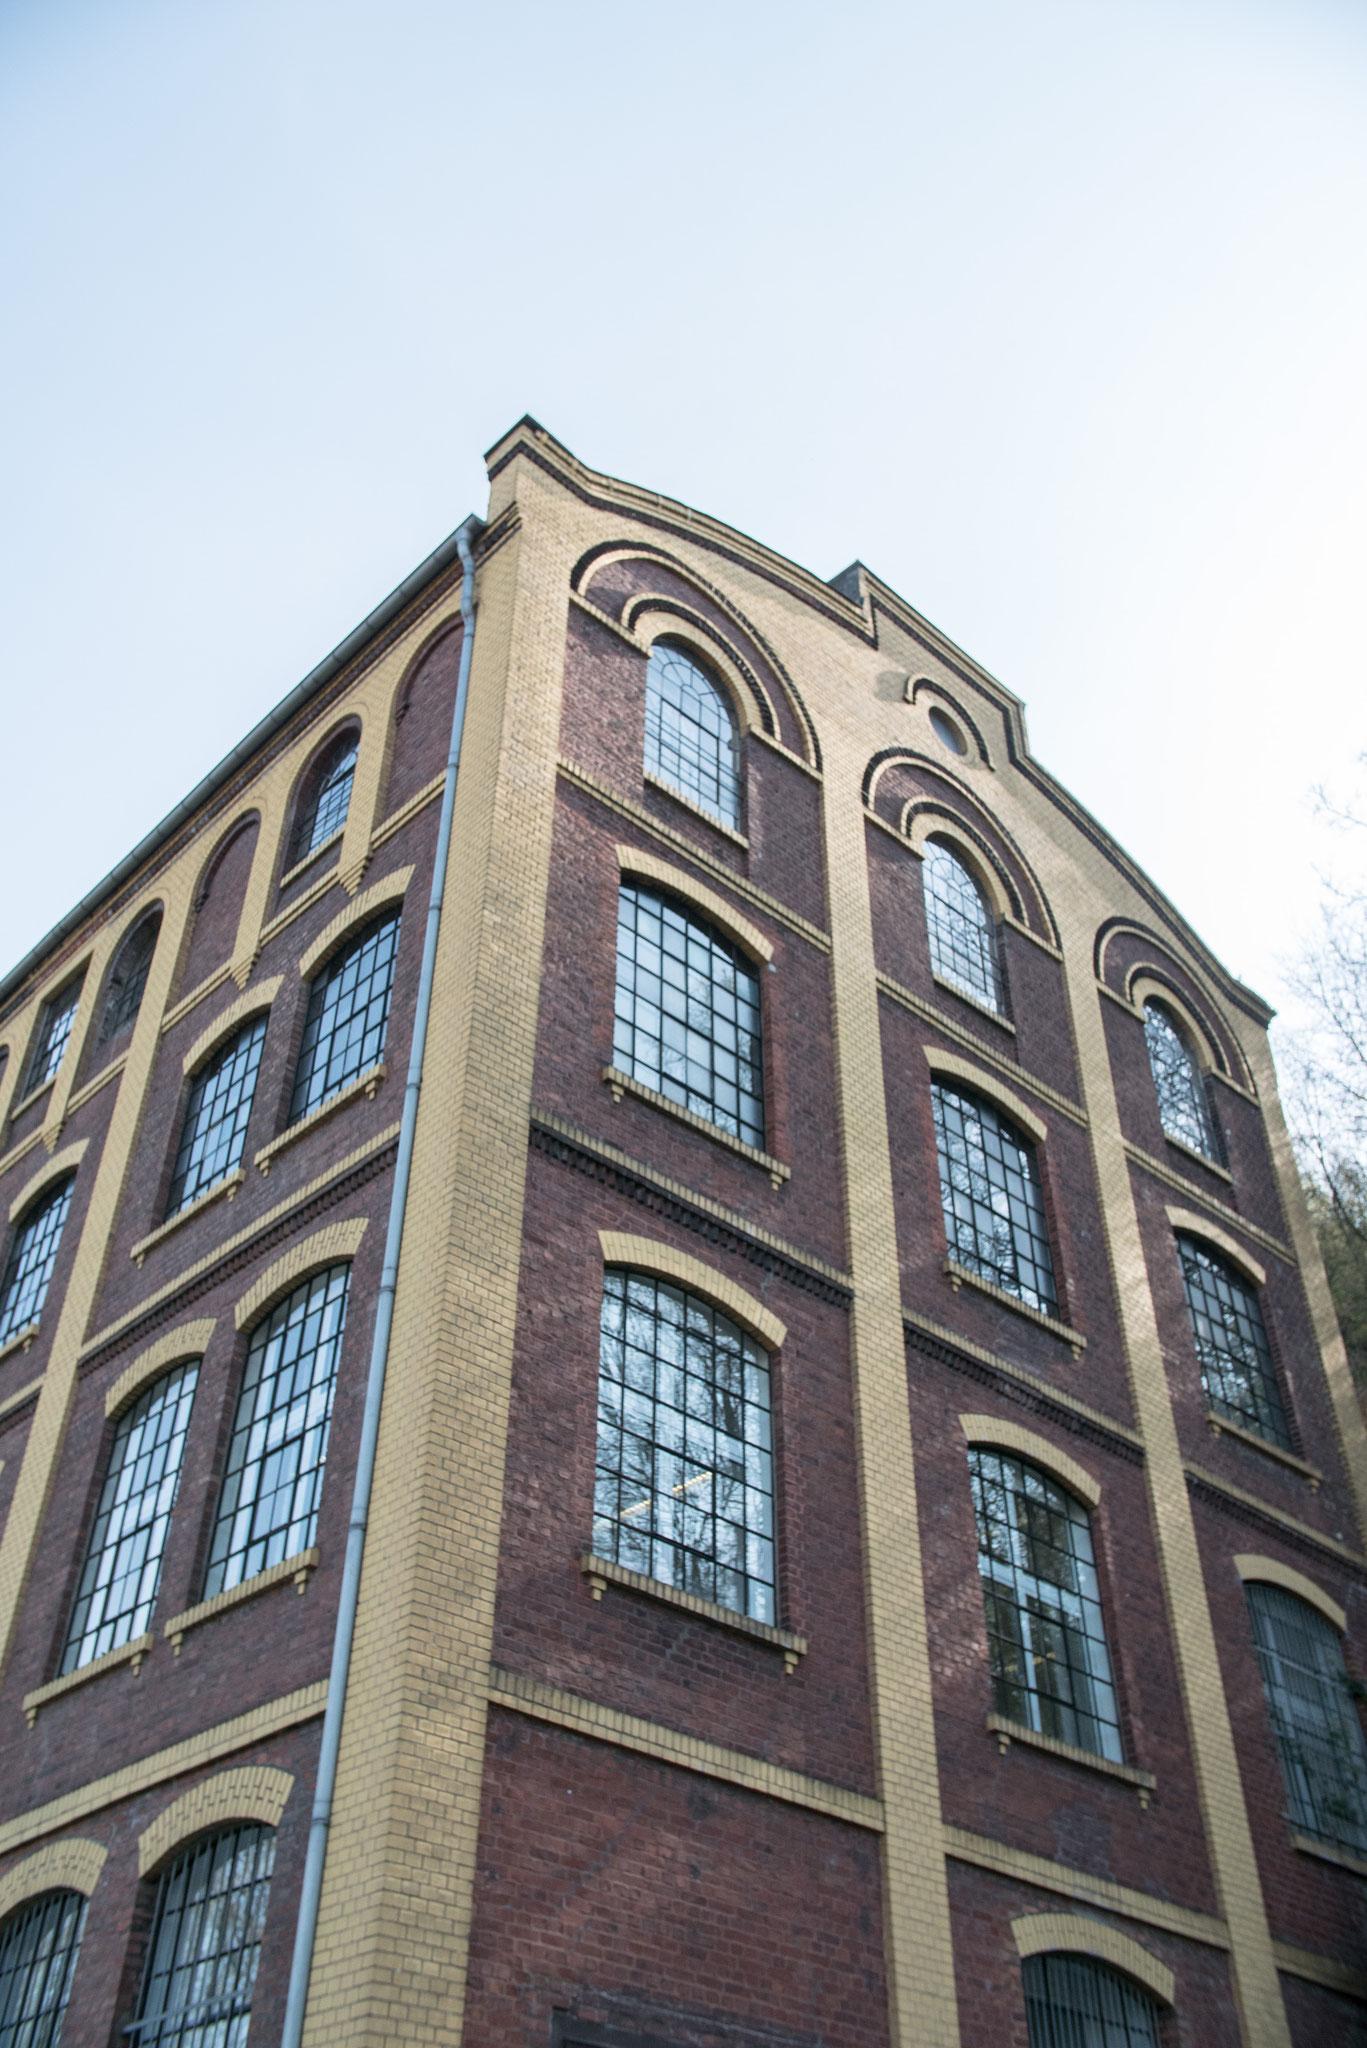 Brauhaus Kunst-Gebäude (BH), Zum Wildgehege 25